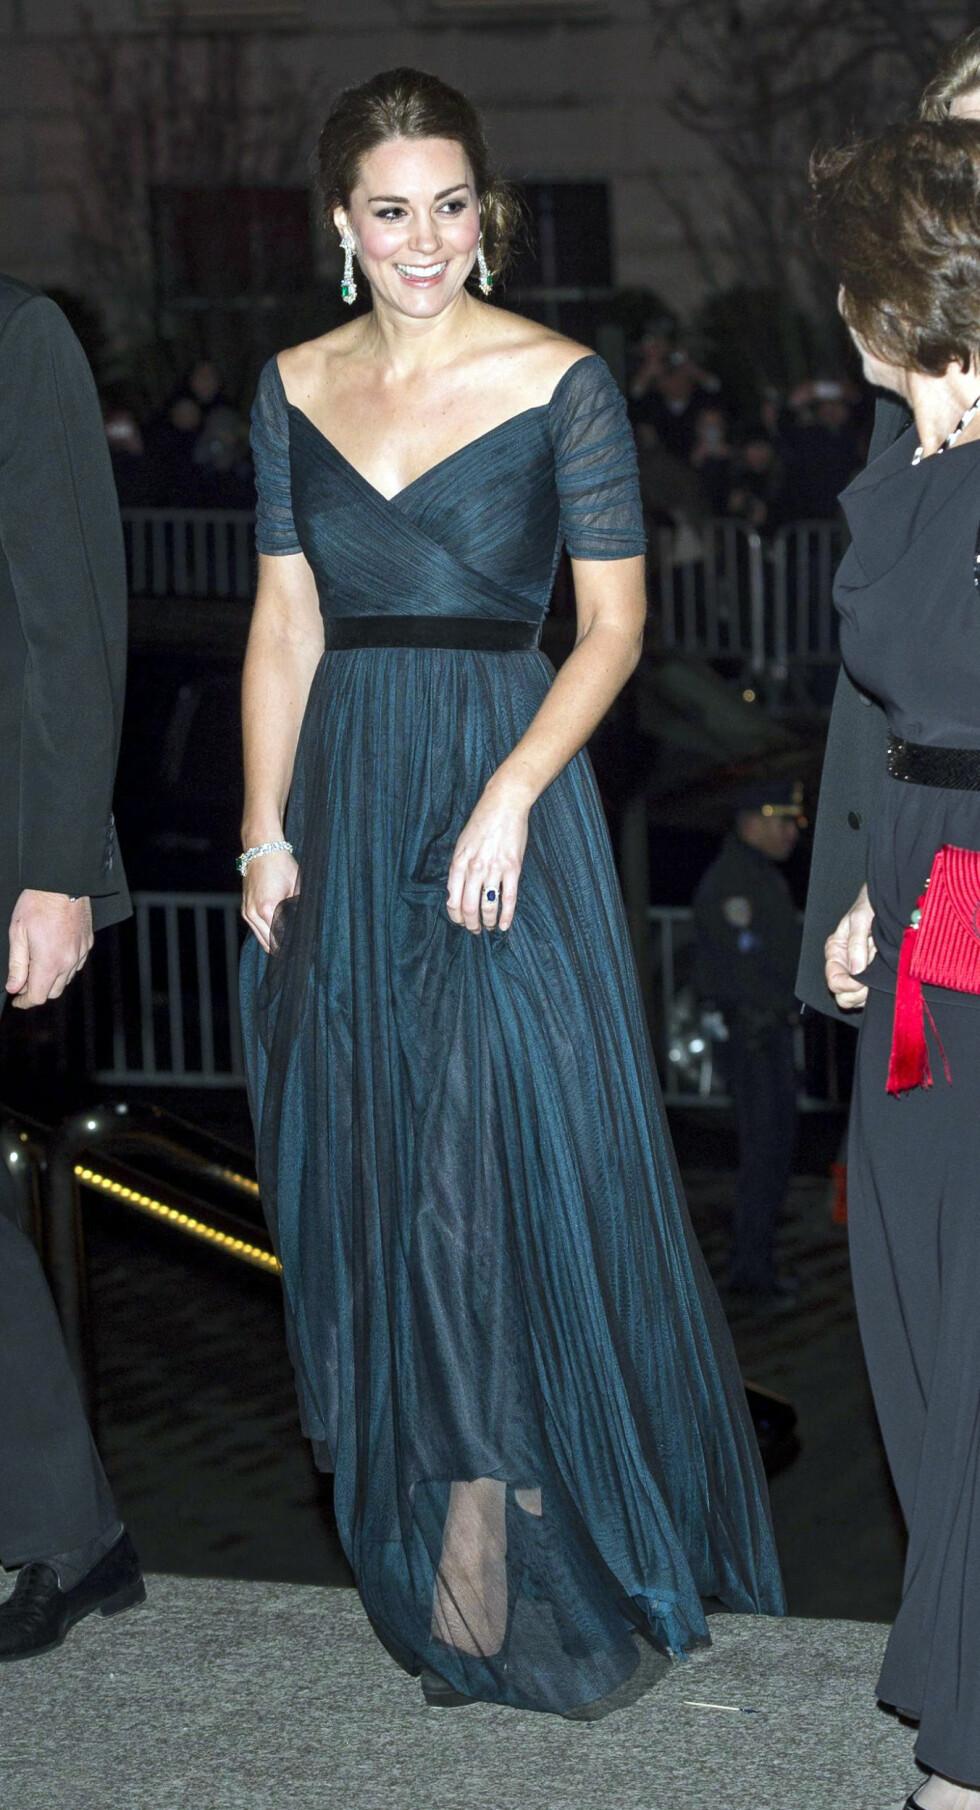 KJOLEFARGEN TAS OPP I SMYKKENE: Kate Middleton er flink til å bruke tilbehør som står i stil til kjolen.  Foto: REX/Tim Rooke/All Over Press